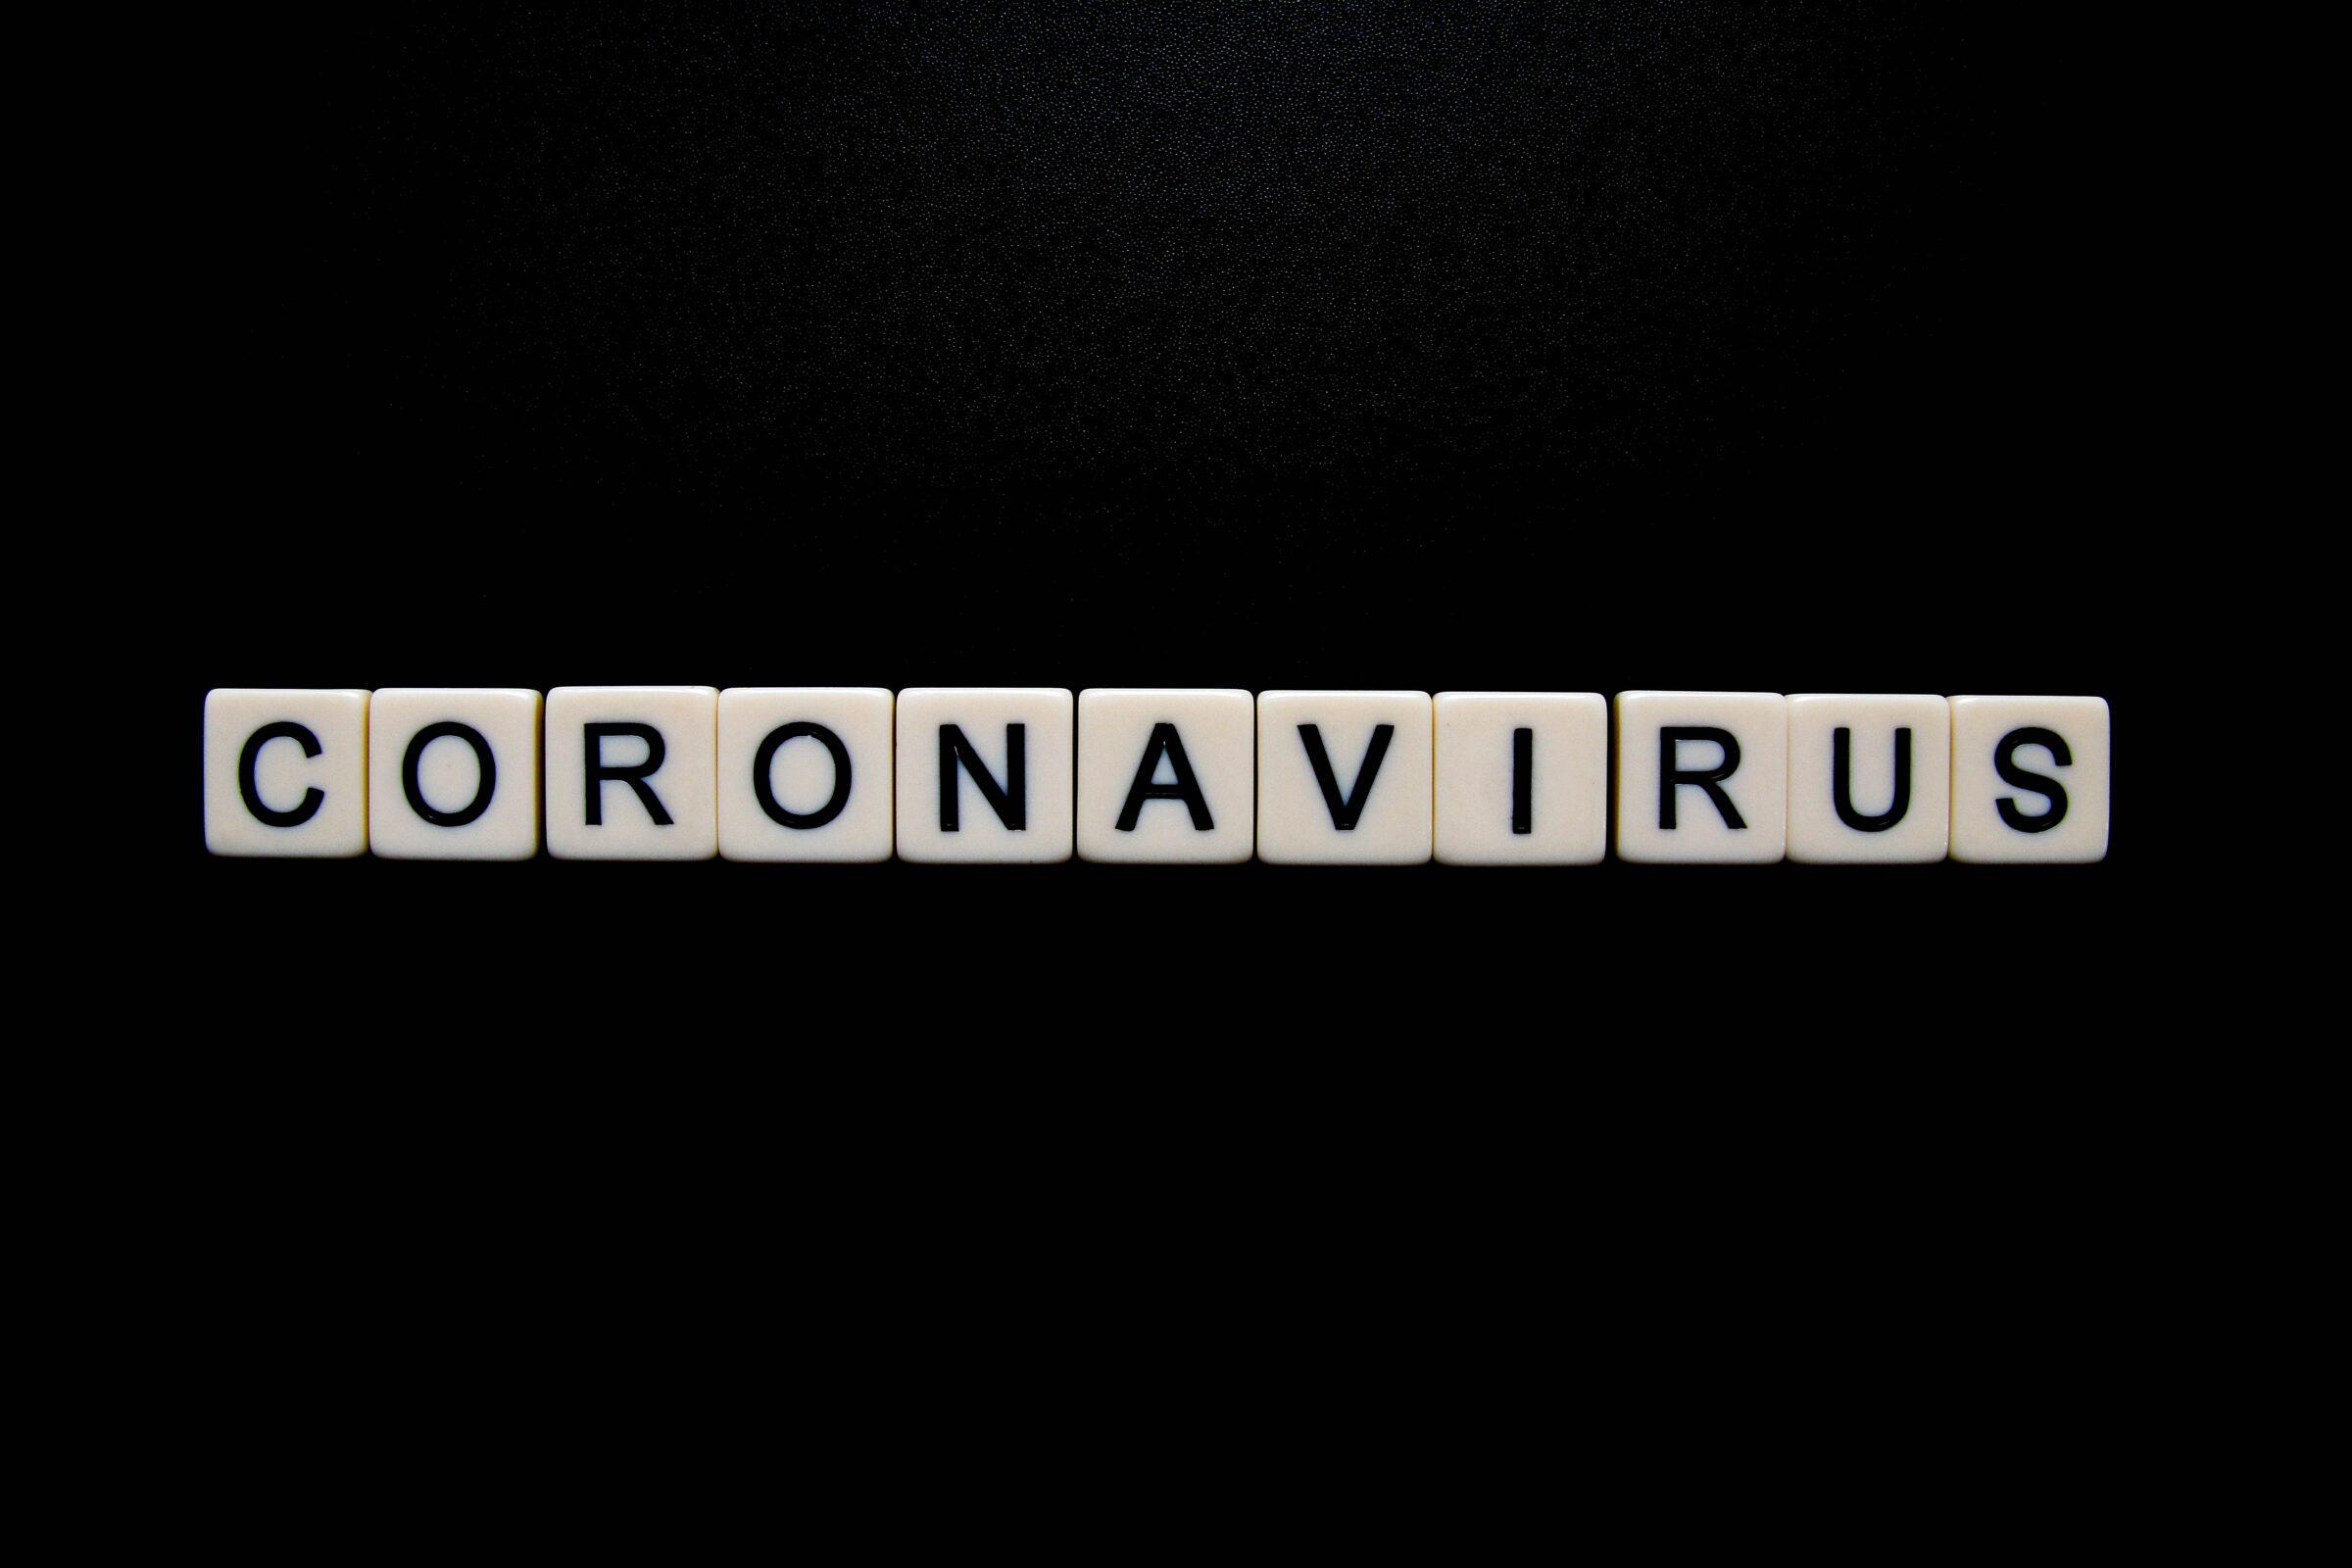 Met scrabble blokjes het woord coronavirus neergelegd op een zwarte achtergrond.